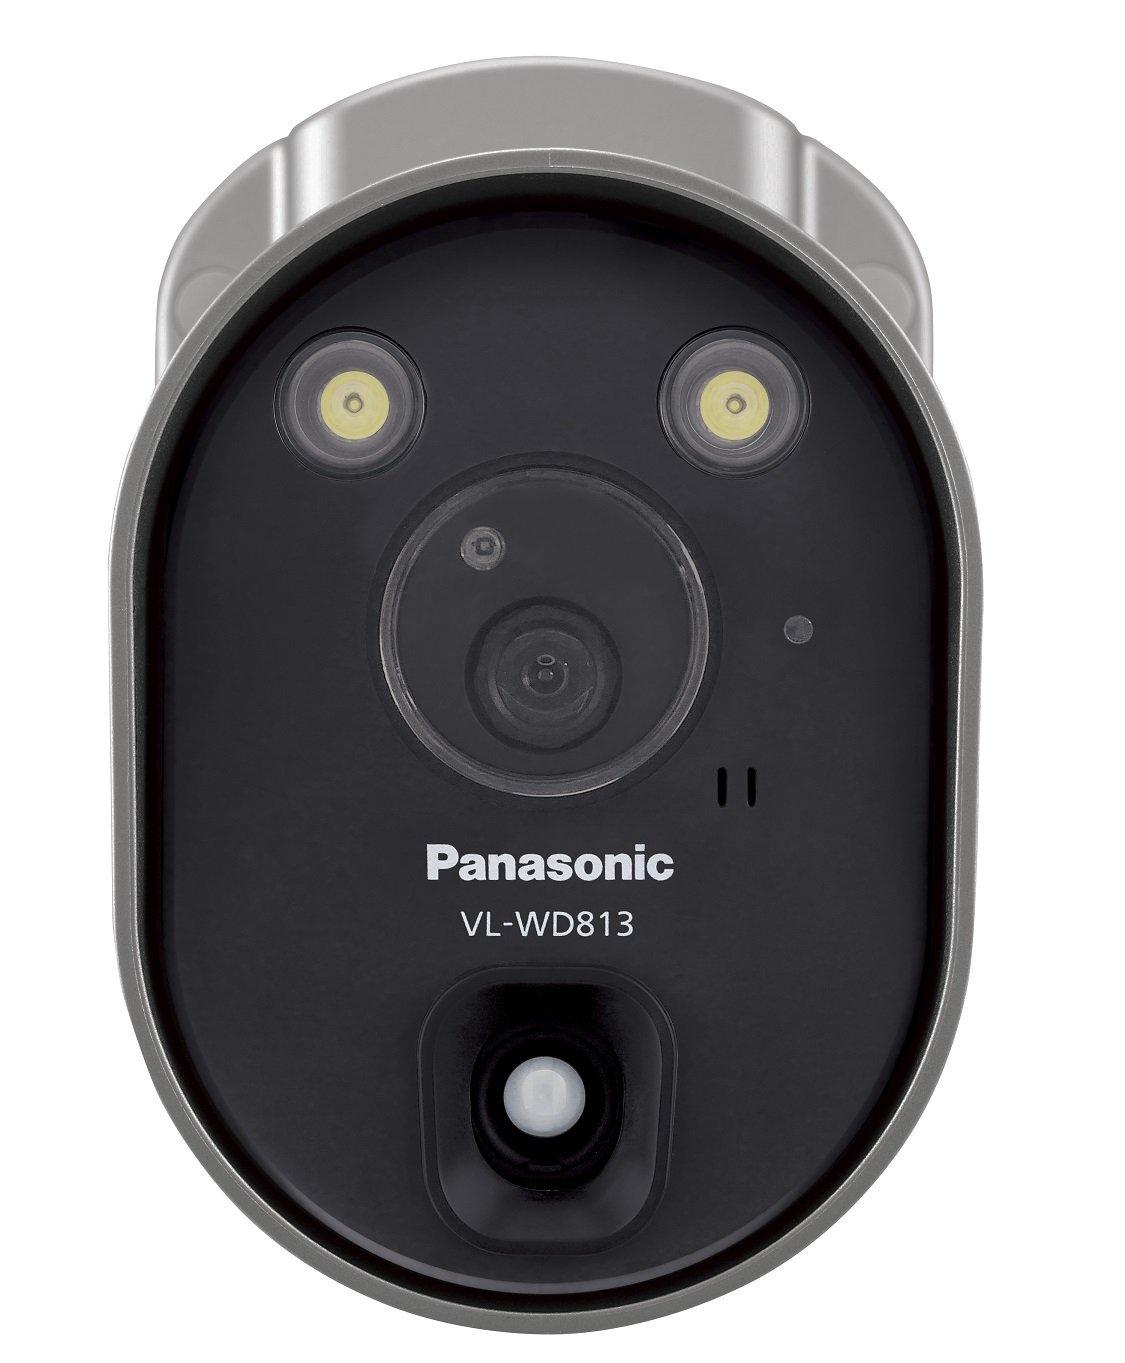 ★◇センサーライト付屋外ワイヤレスカメラ 電源コード式 VL-WD813K 【ネットワークカメラ・防犯カメラ】【送料無料】